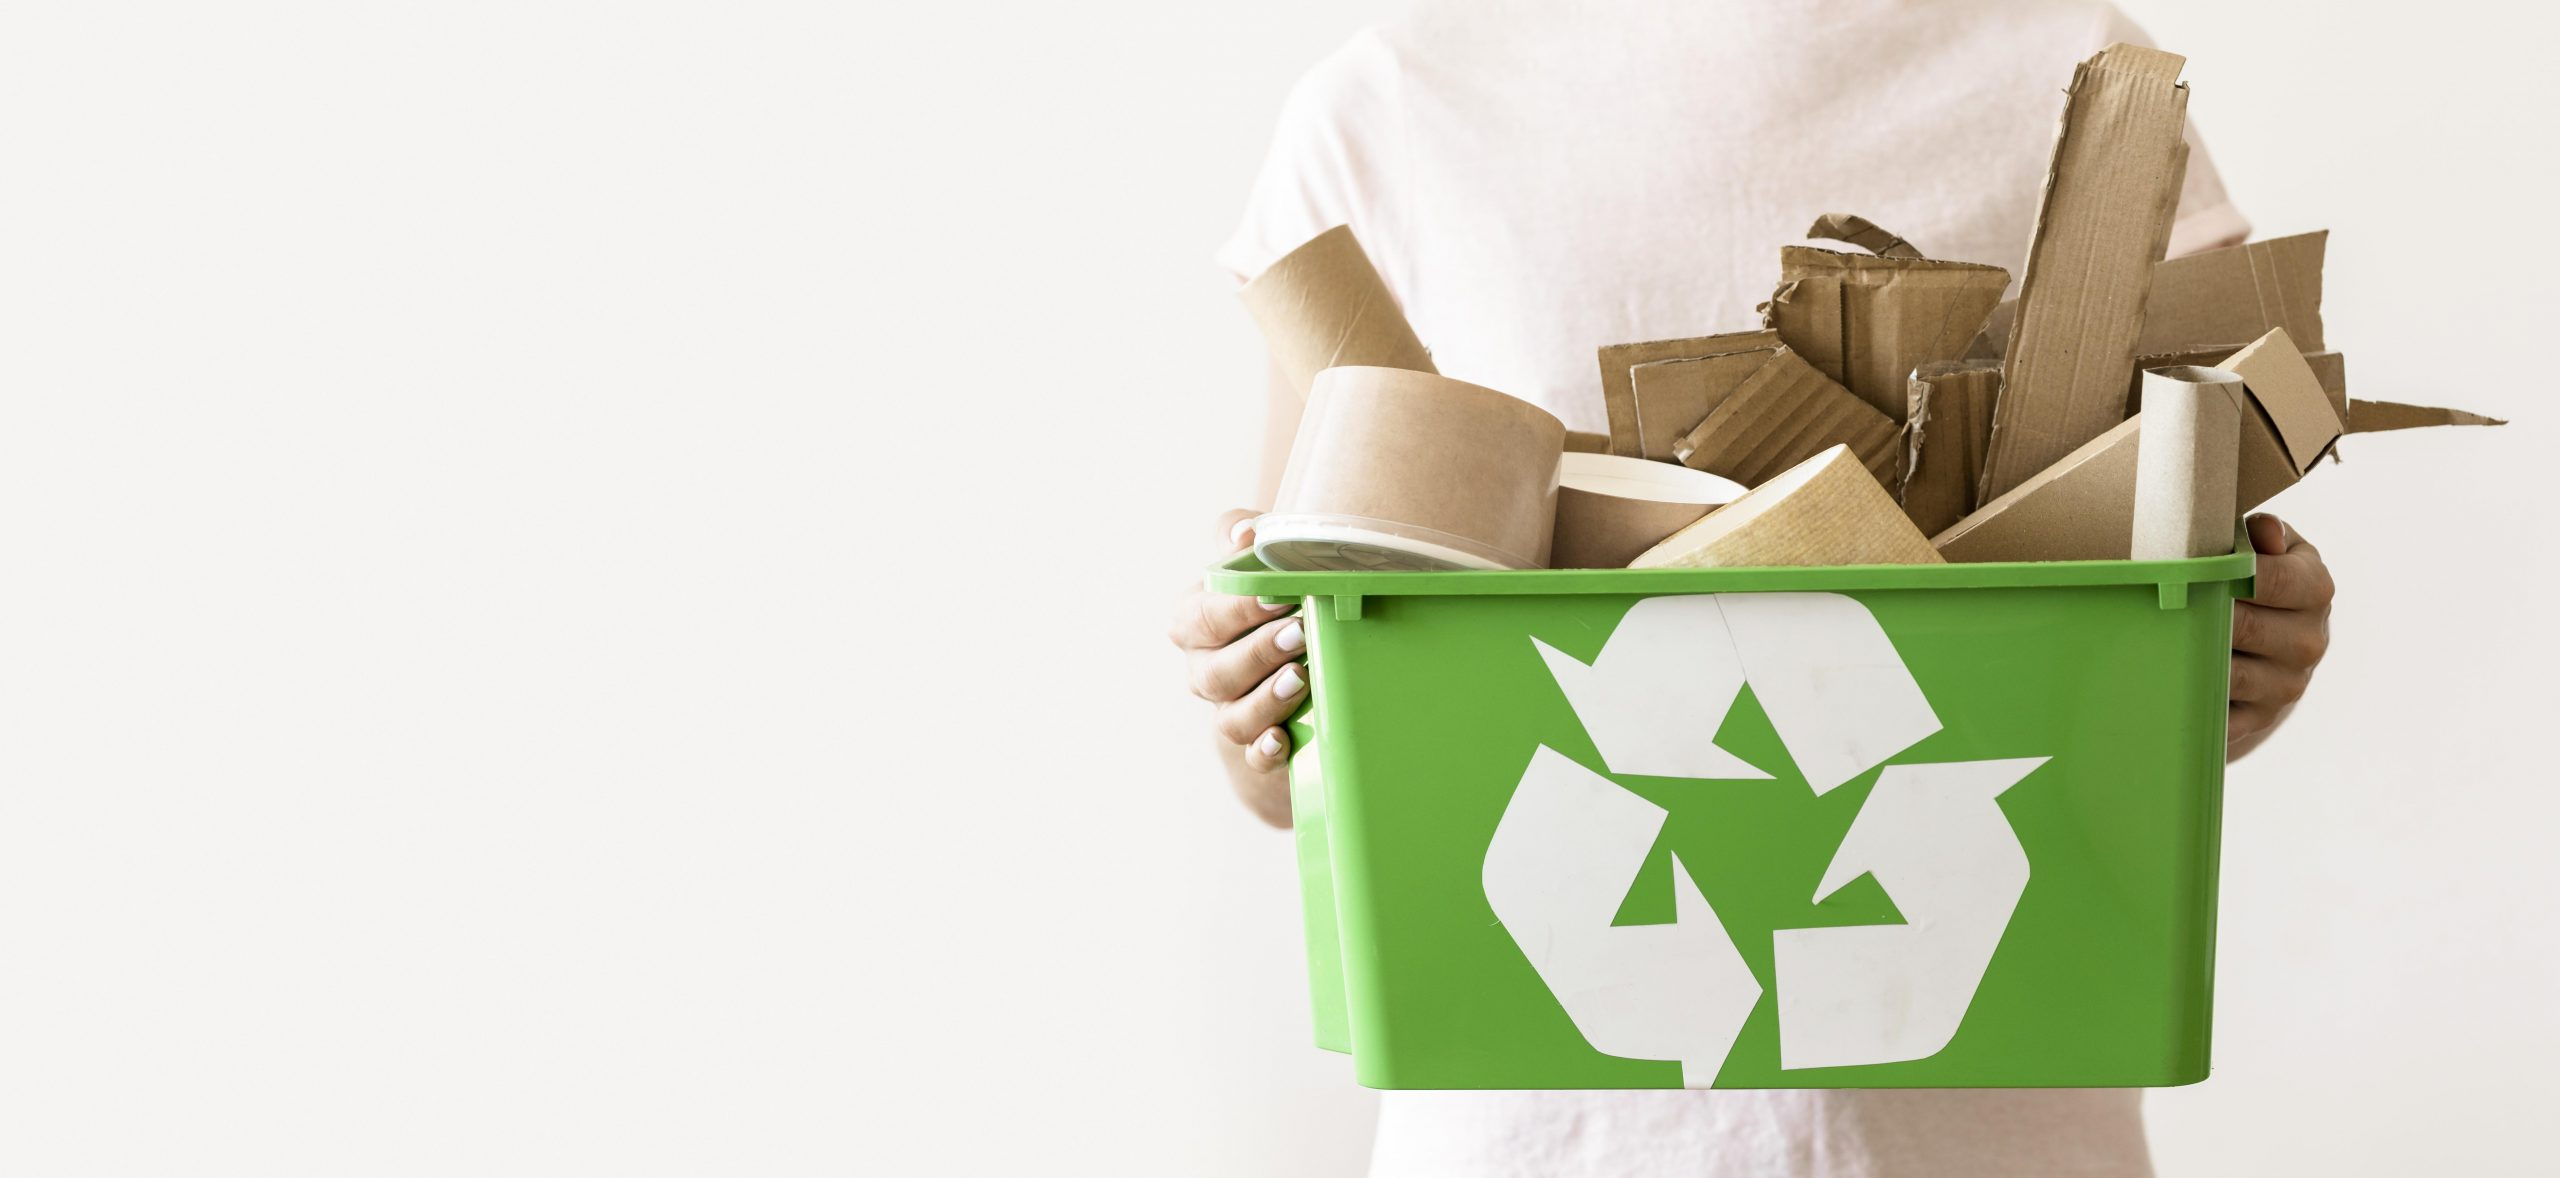 Cómo saber qué contenedor de basura debo usar